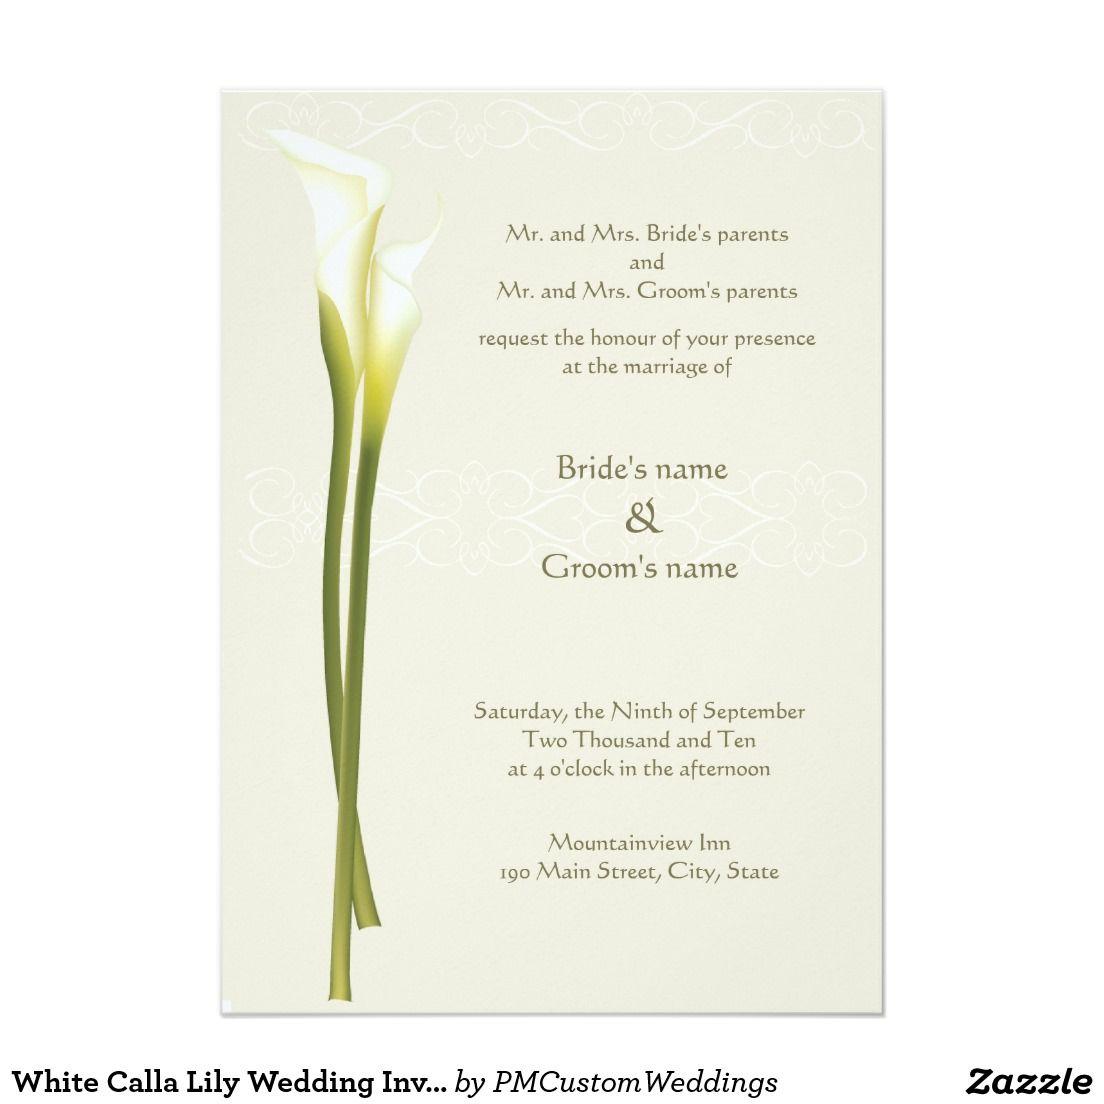 White Calla Lily Wedding Invitation | Wedding | Pinterest | Calla ...